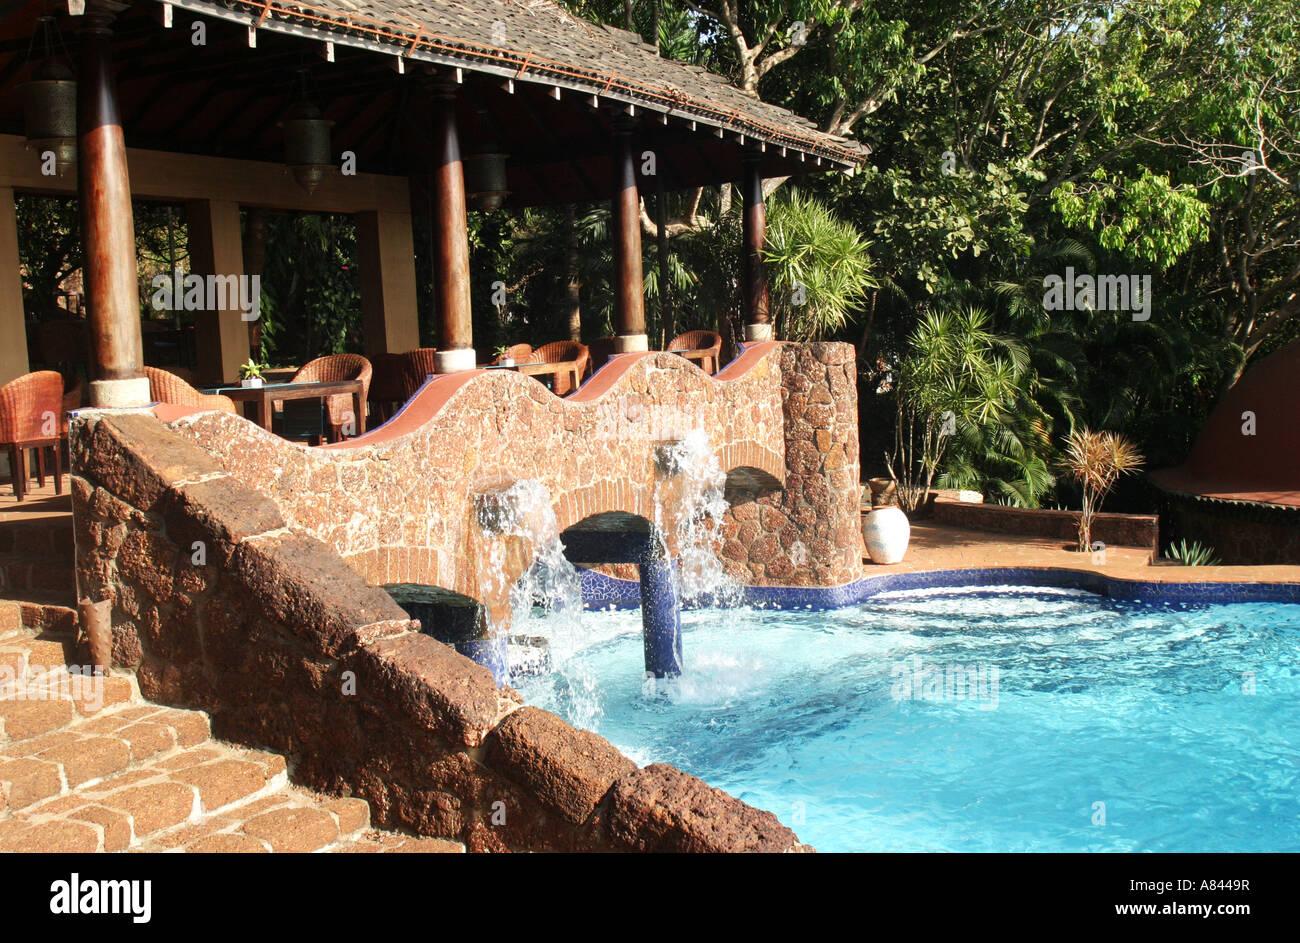 Fontana di beccucci in piscina dalle forme libere di spettacolare progettato Nilaya Hermitage boutique hotel in Immagini Stock